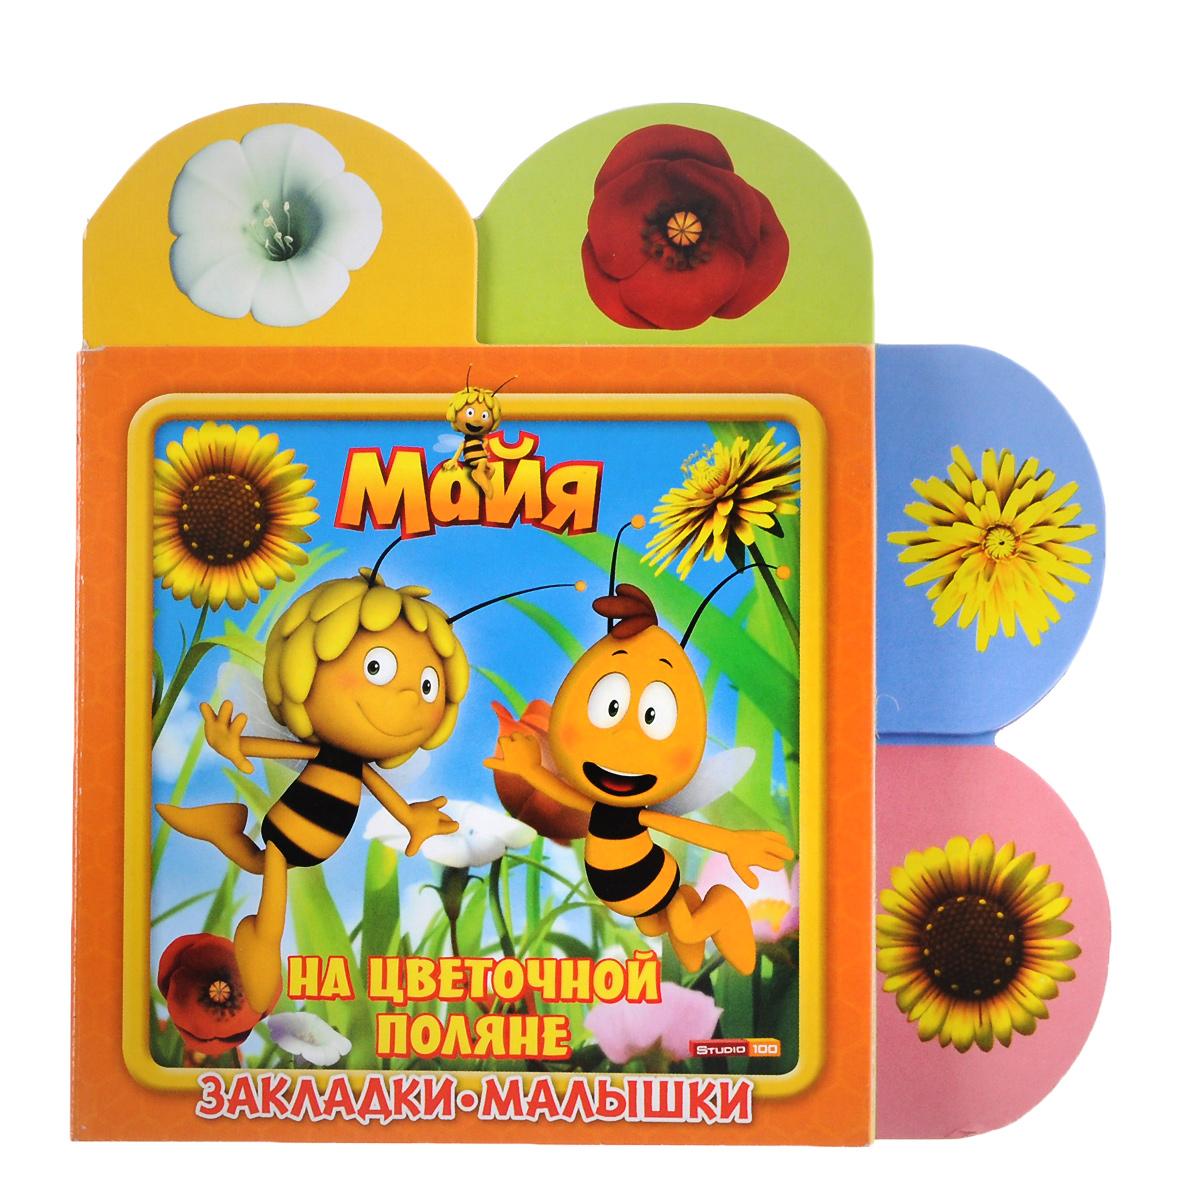 Пчелка Майя. На цветочной поляне